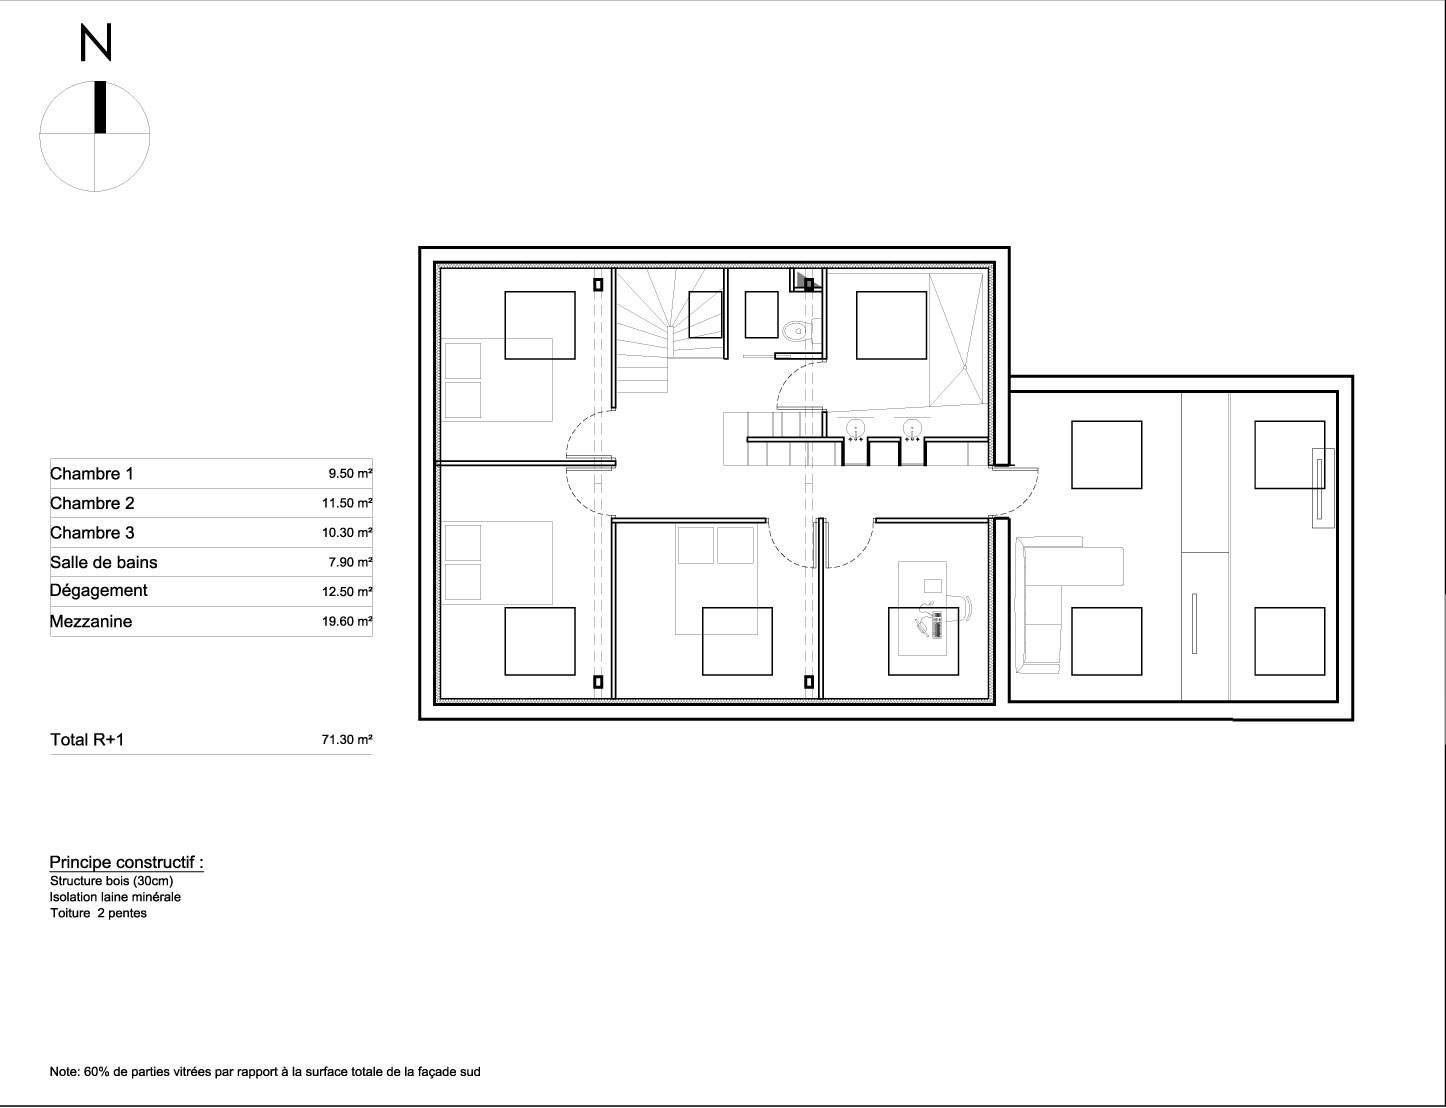 plan maison etage plan maison etage 19 plan maison. Black Bedroom Furniture Sets. Home Design Ideas